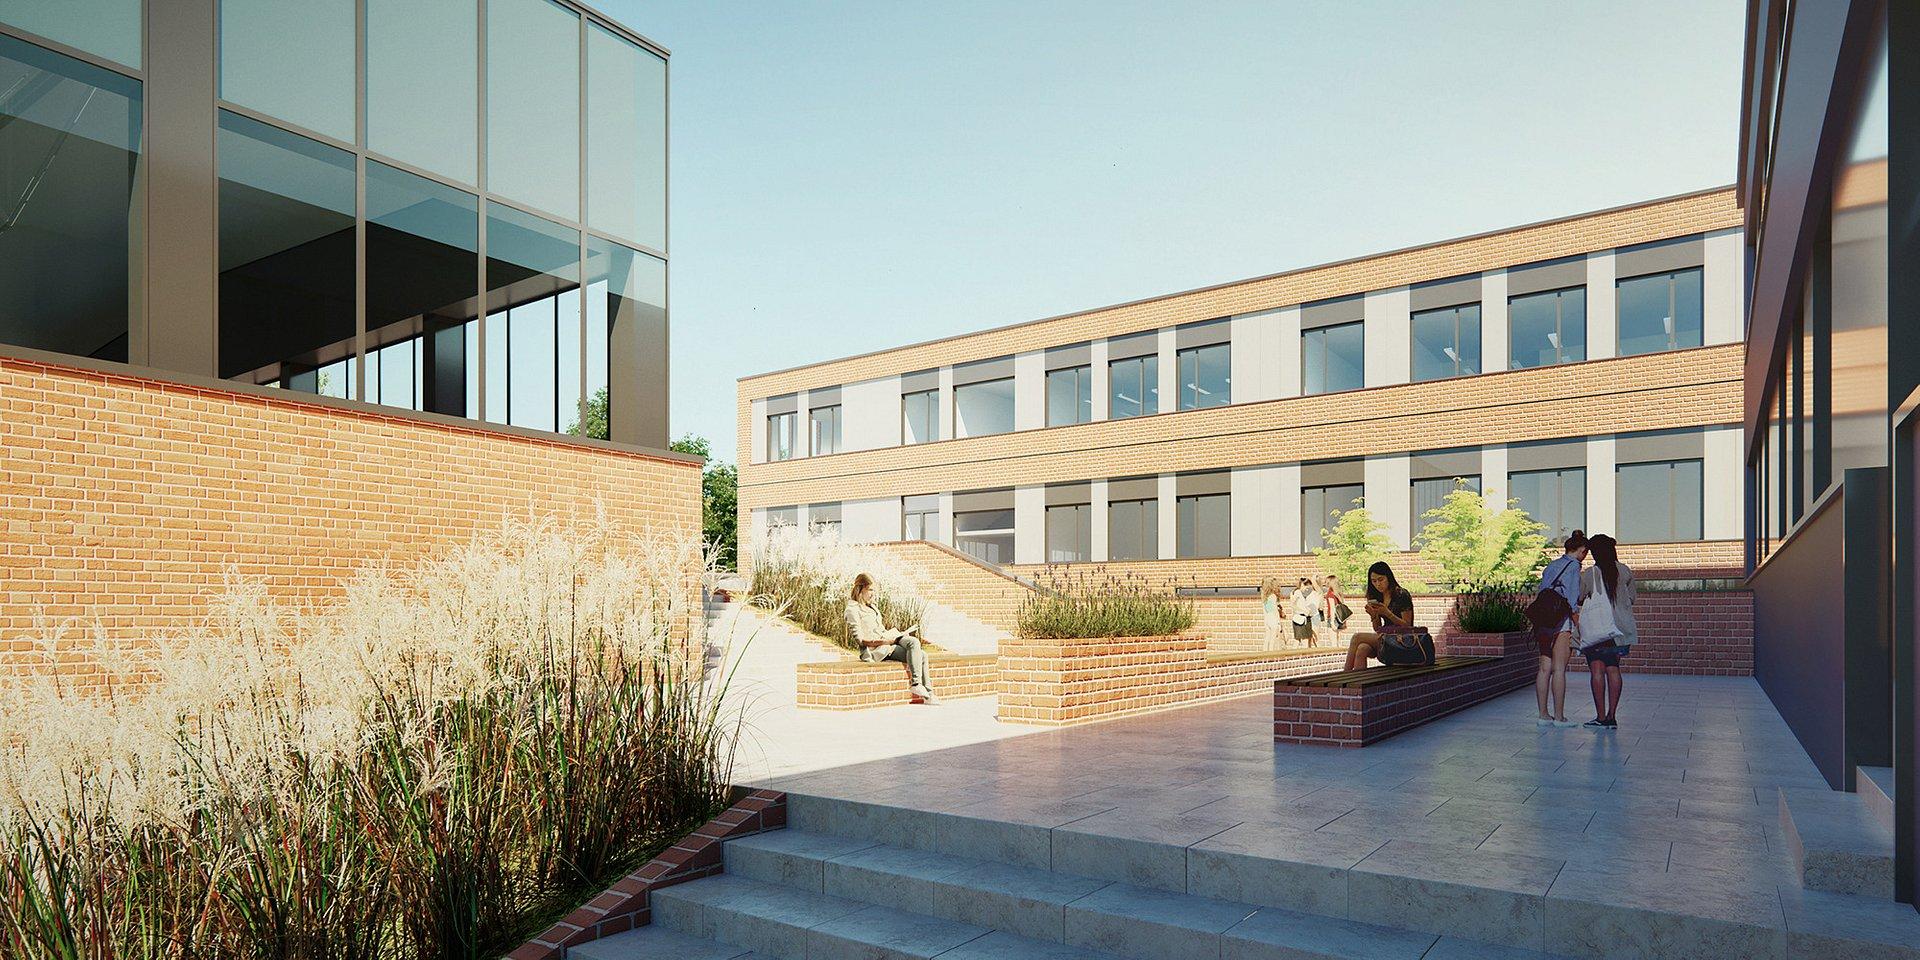 Rozbudowa liceum w Piastowie dzięki finansowaniu z partnerstwa publiczno-prywatnego